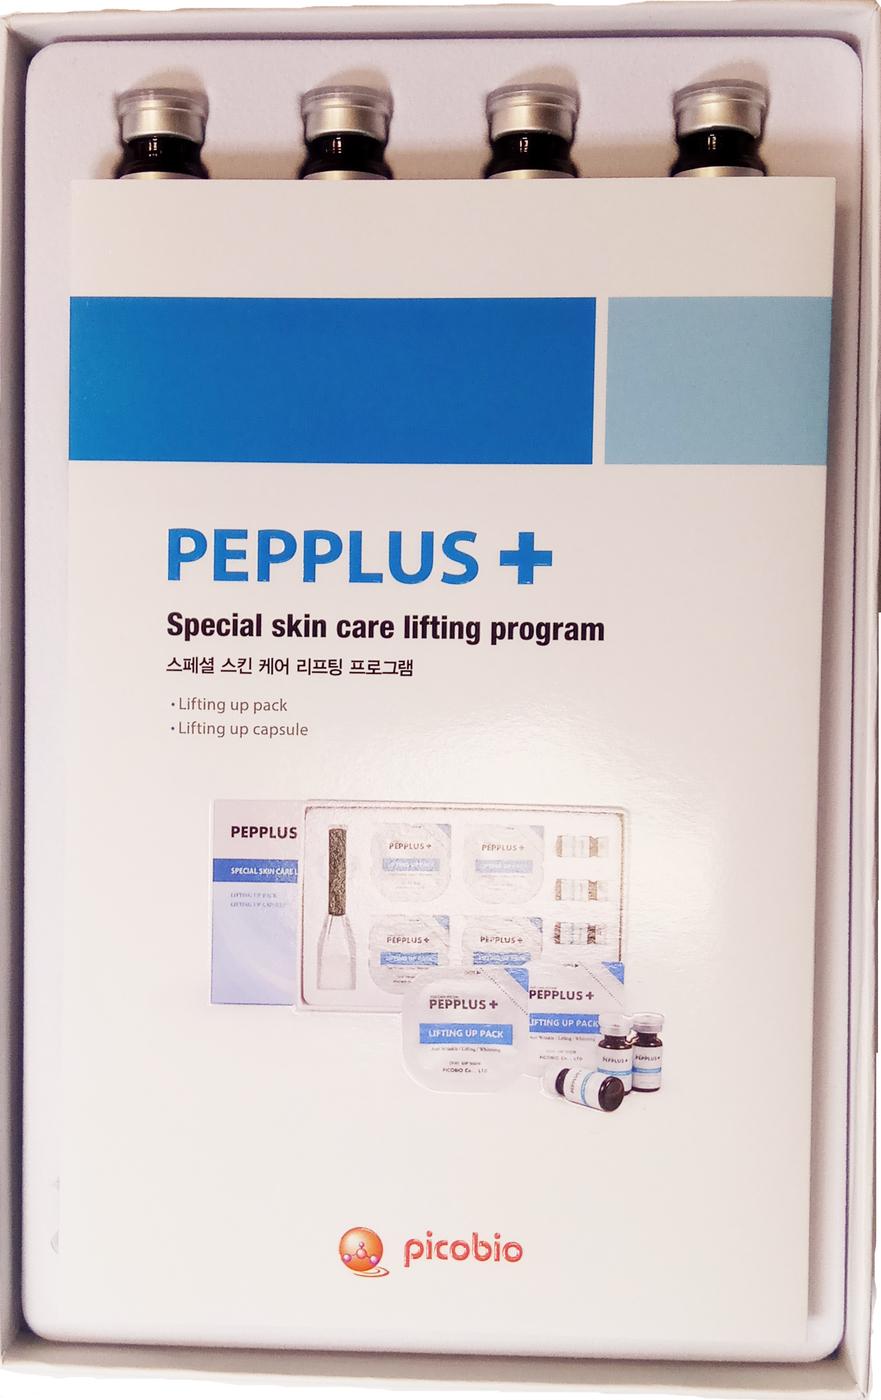 Маска для лица PEPPLUS+ Special skin care Lifting program Пептидная двухкомпонентная маска для лица Суперлифтинг набор на 4 процедуры